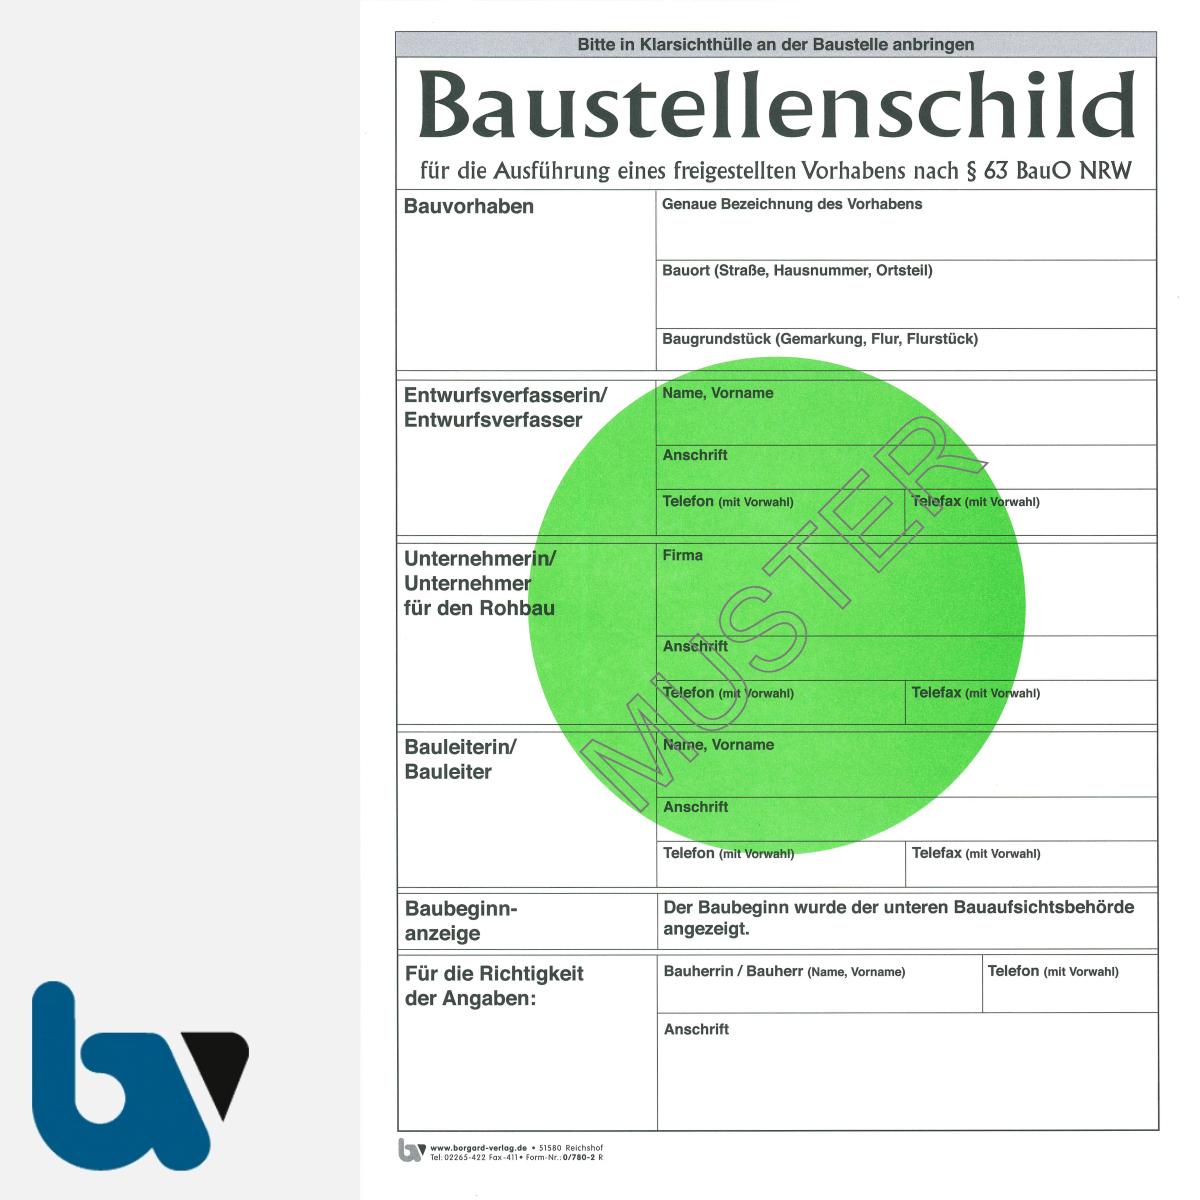 0/780-2 Baustellenschild grüner Punkt NRW Bauordnung freigestellt Vorhaben Karton DIN A4 Vorderseite | Borgard Verlag GmbH